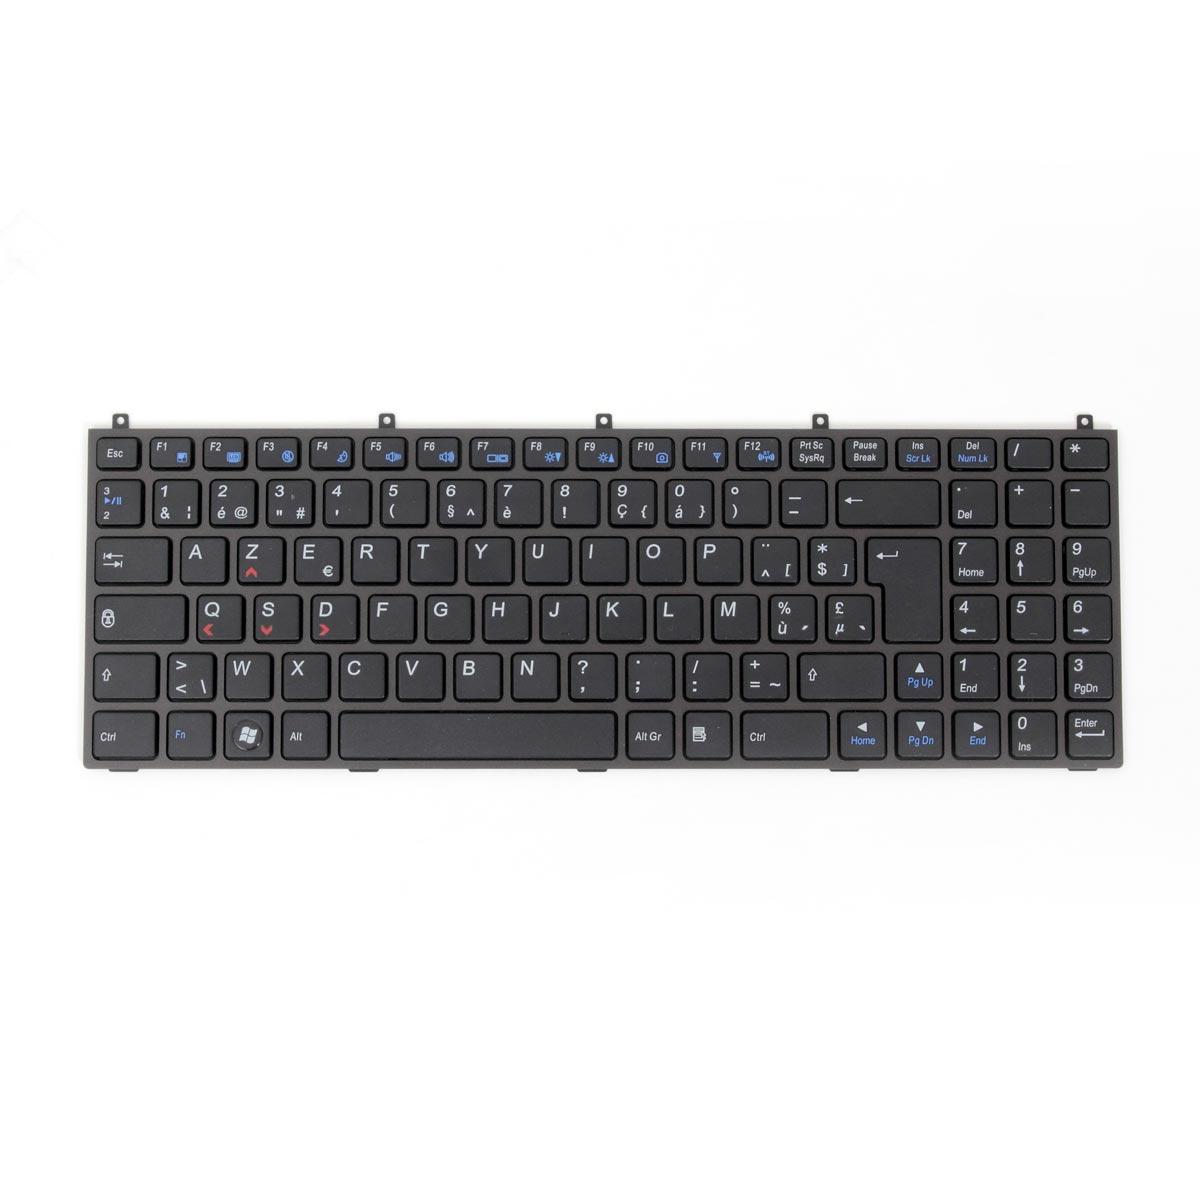 clavier pour pc portable ldlc bellone gb2 belge accessoires pc portable ldlc sur. Black Bedroom Furniture Sets. Home Design Ideas